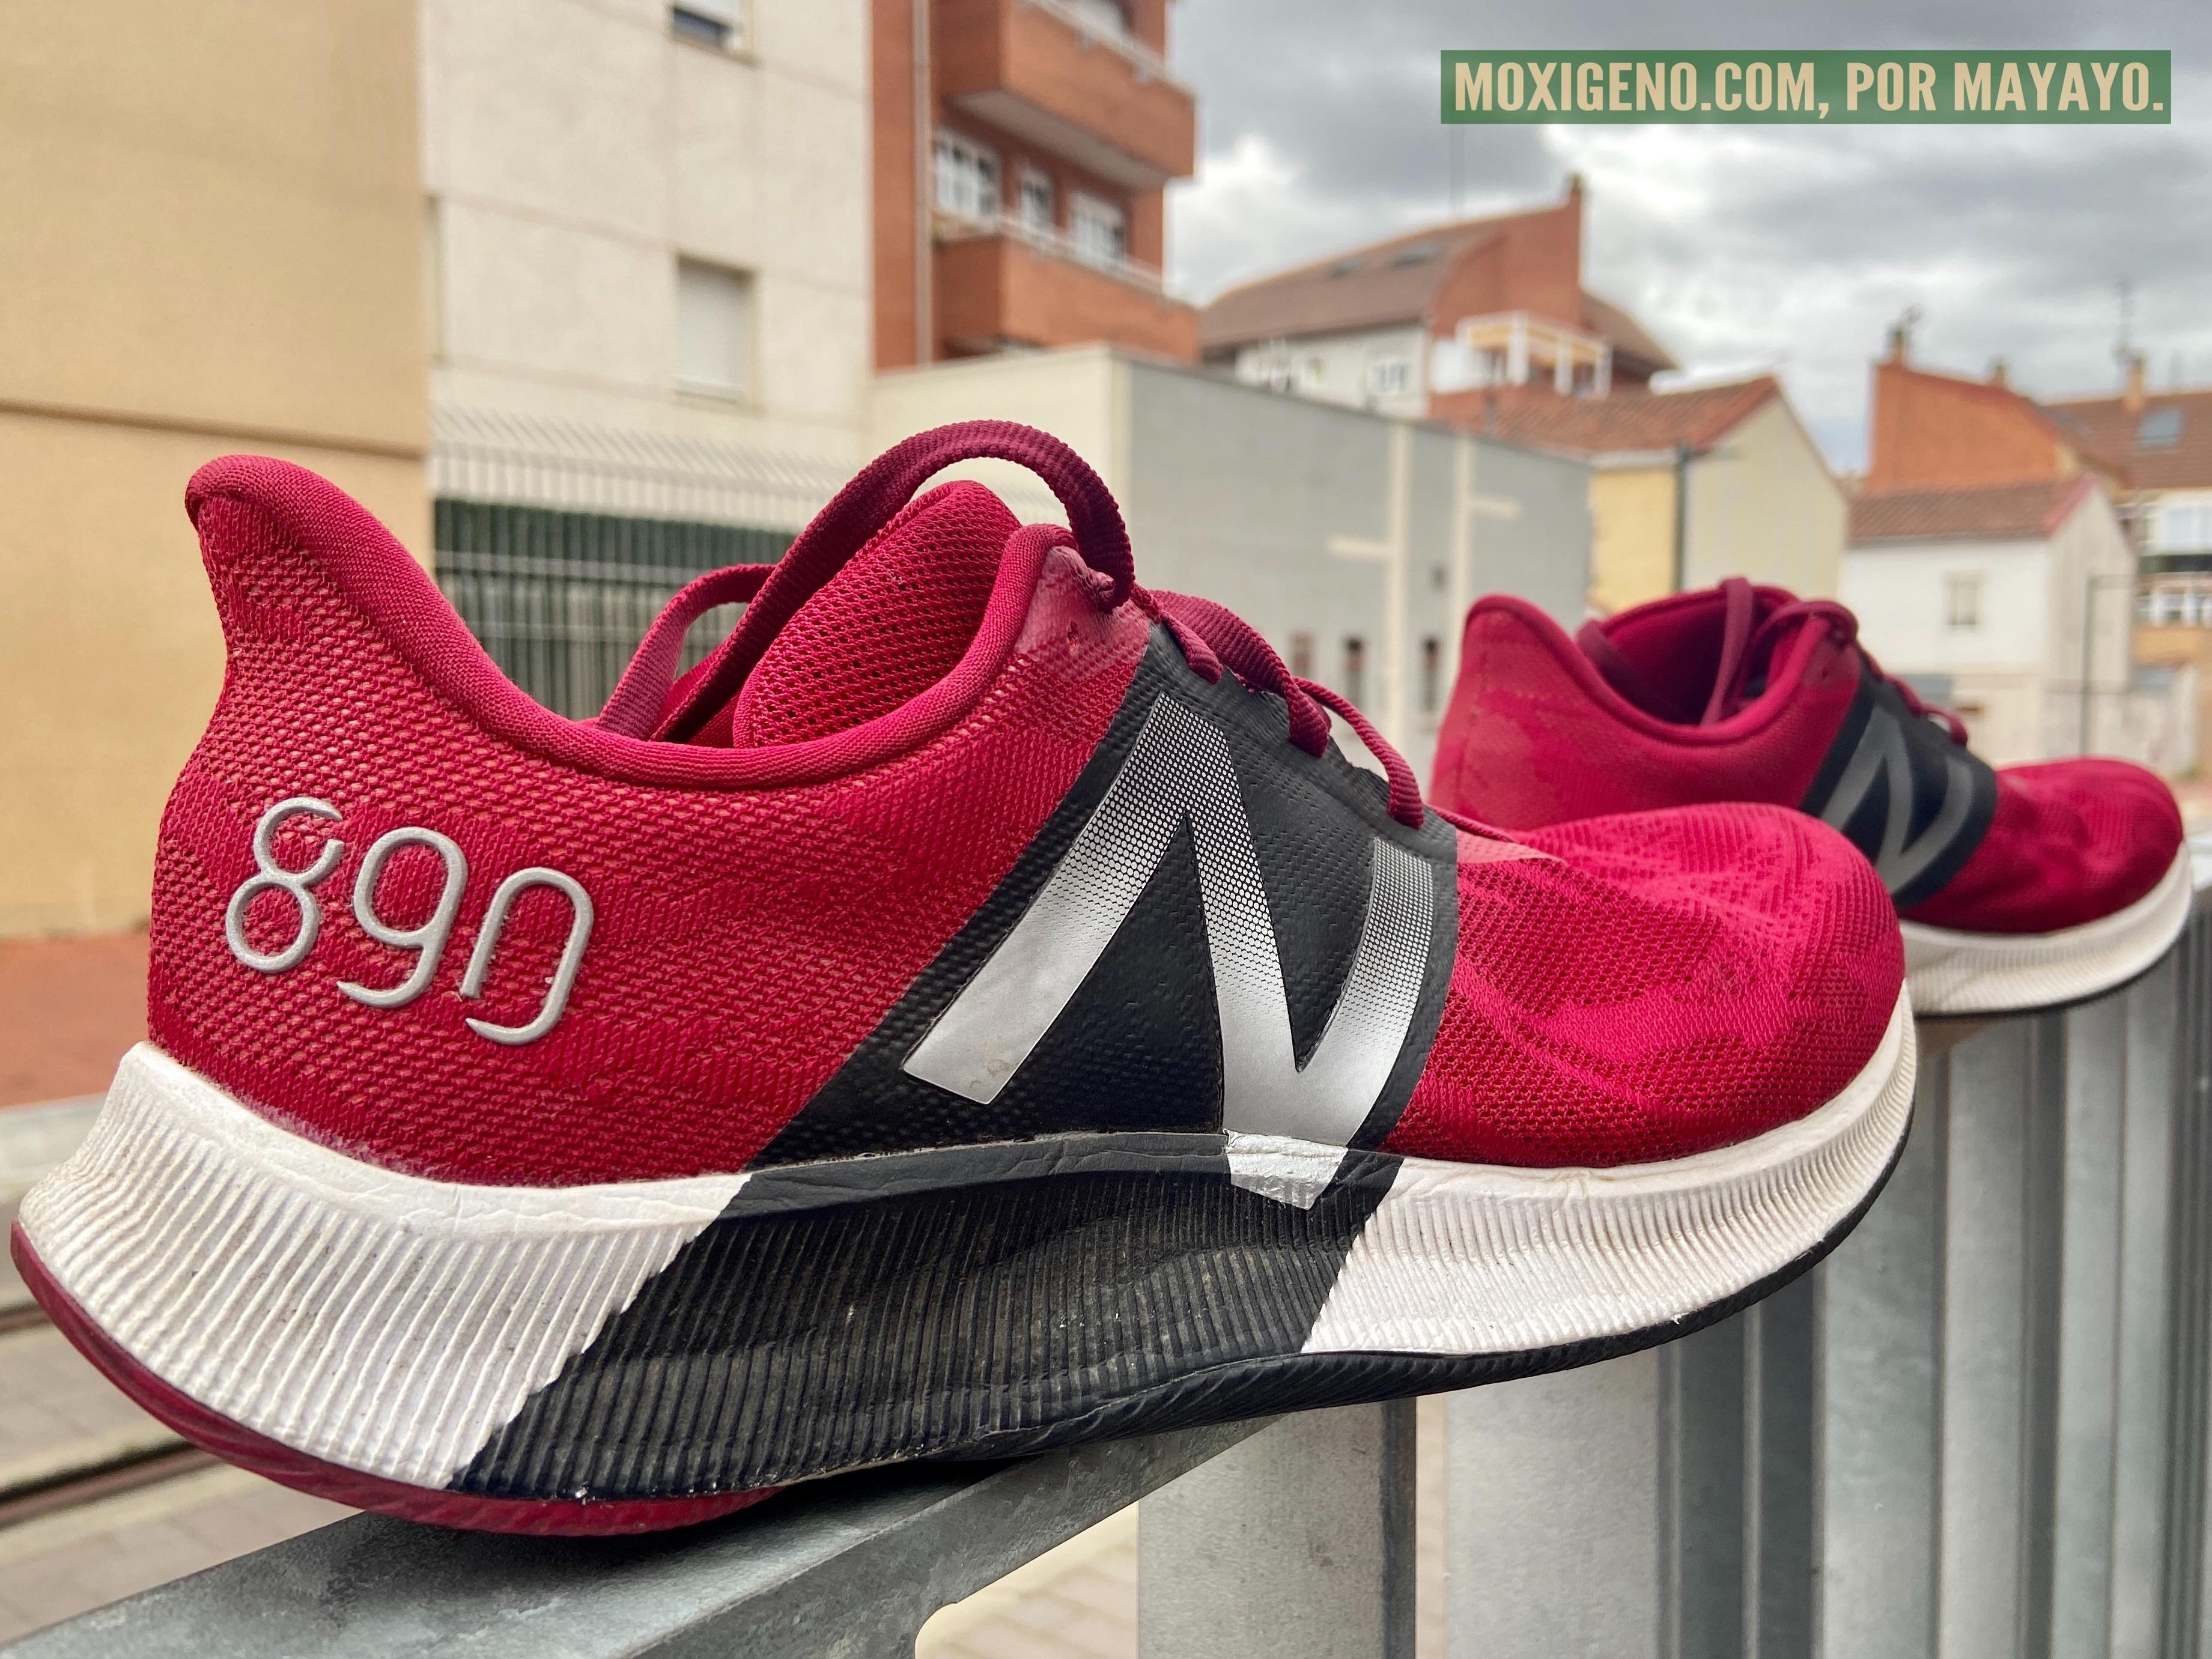 NEW BALANCE FUELCELL 890 V8: PRUEBA +200 KMS POR SABUGO. Una ...